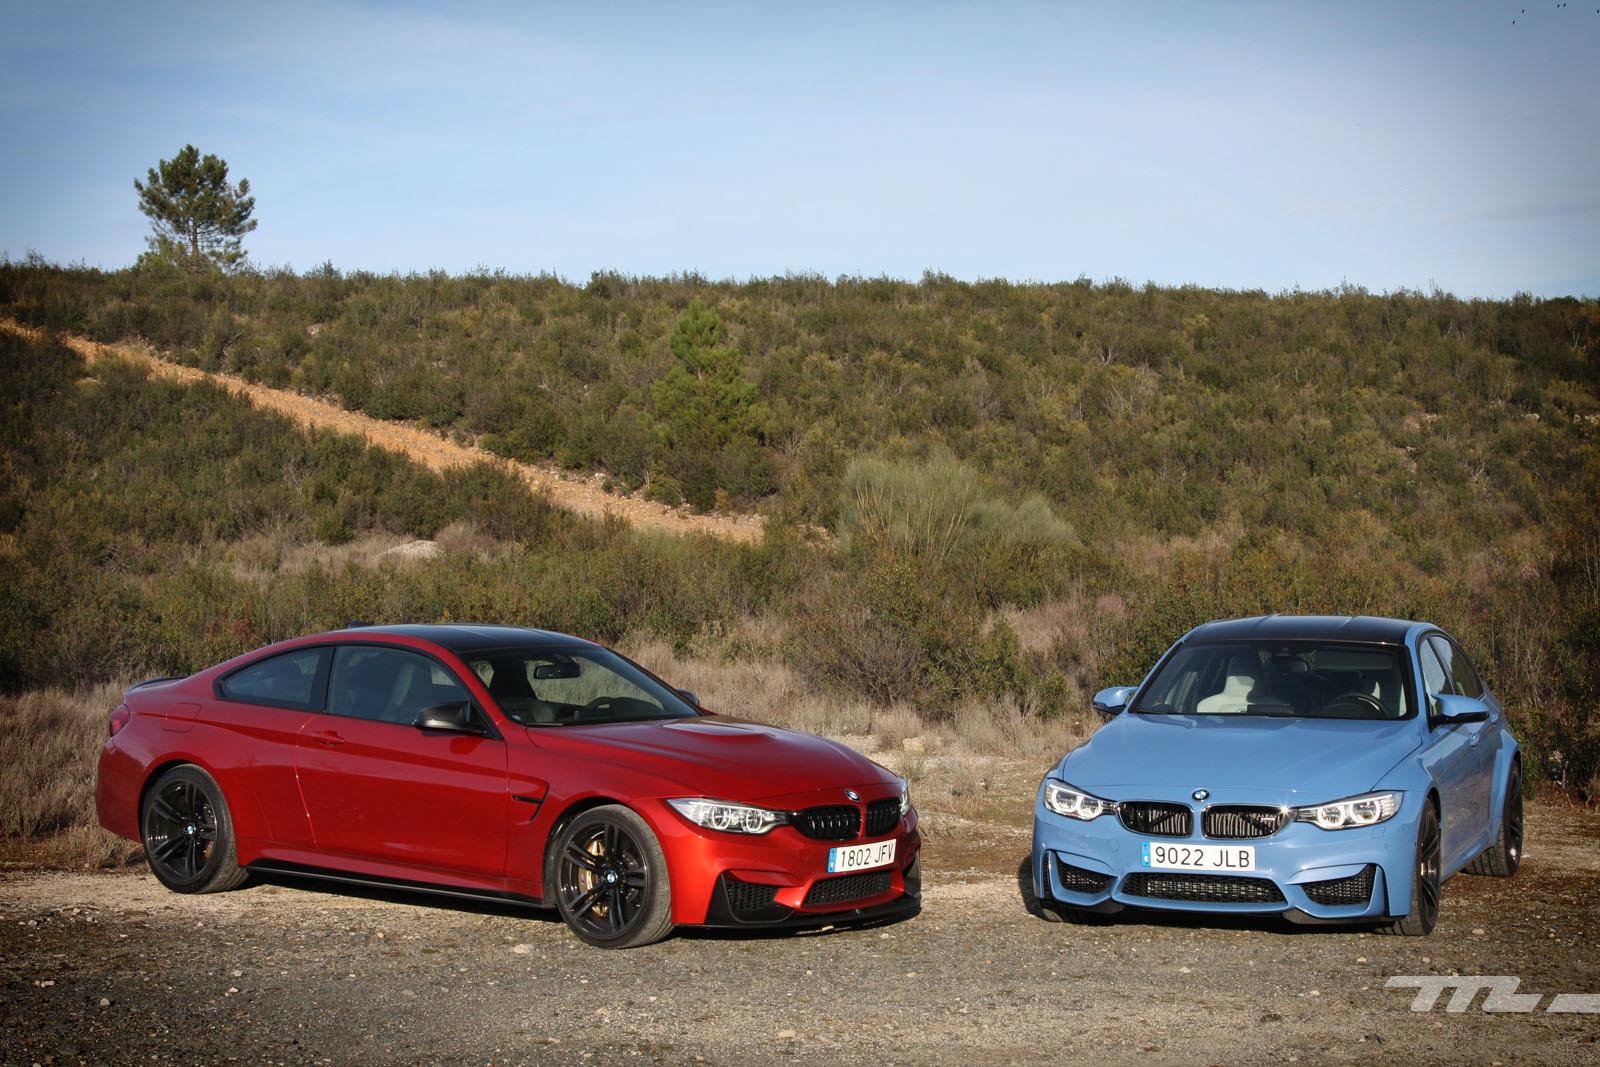 BMW M4 Performance (prueba en banco de potencia)